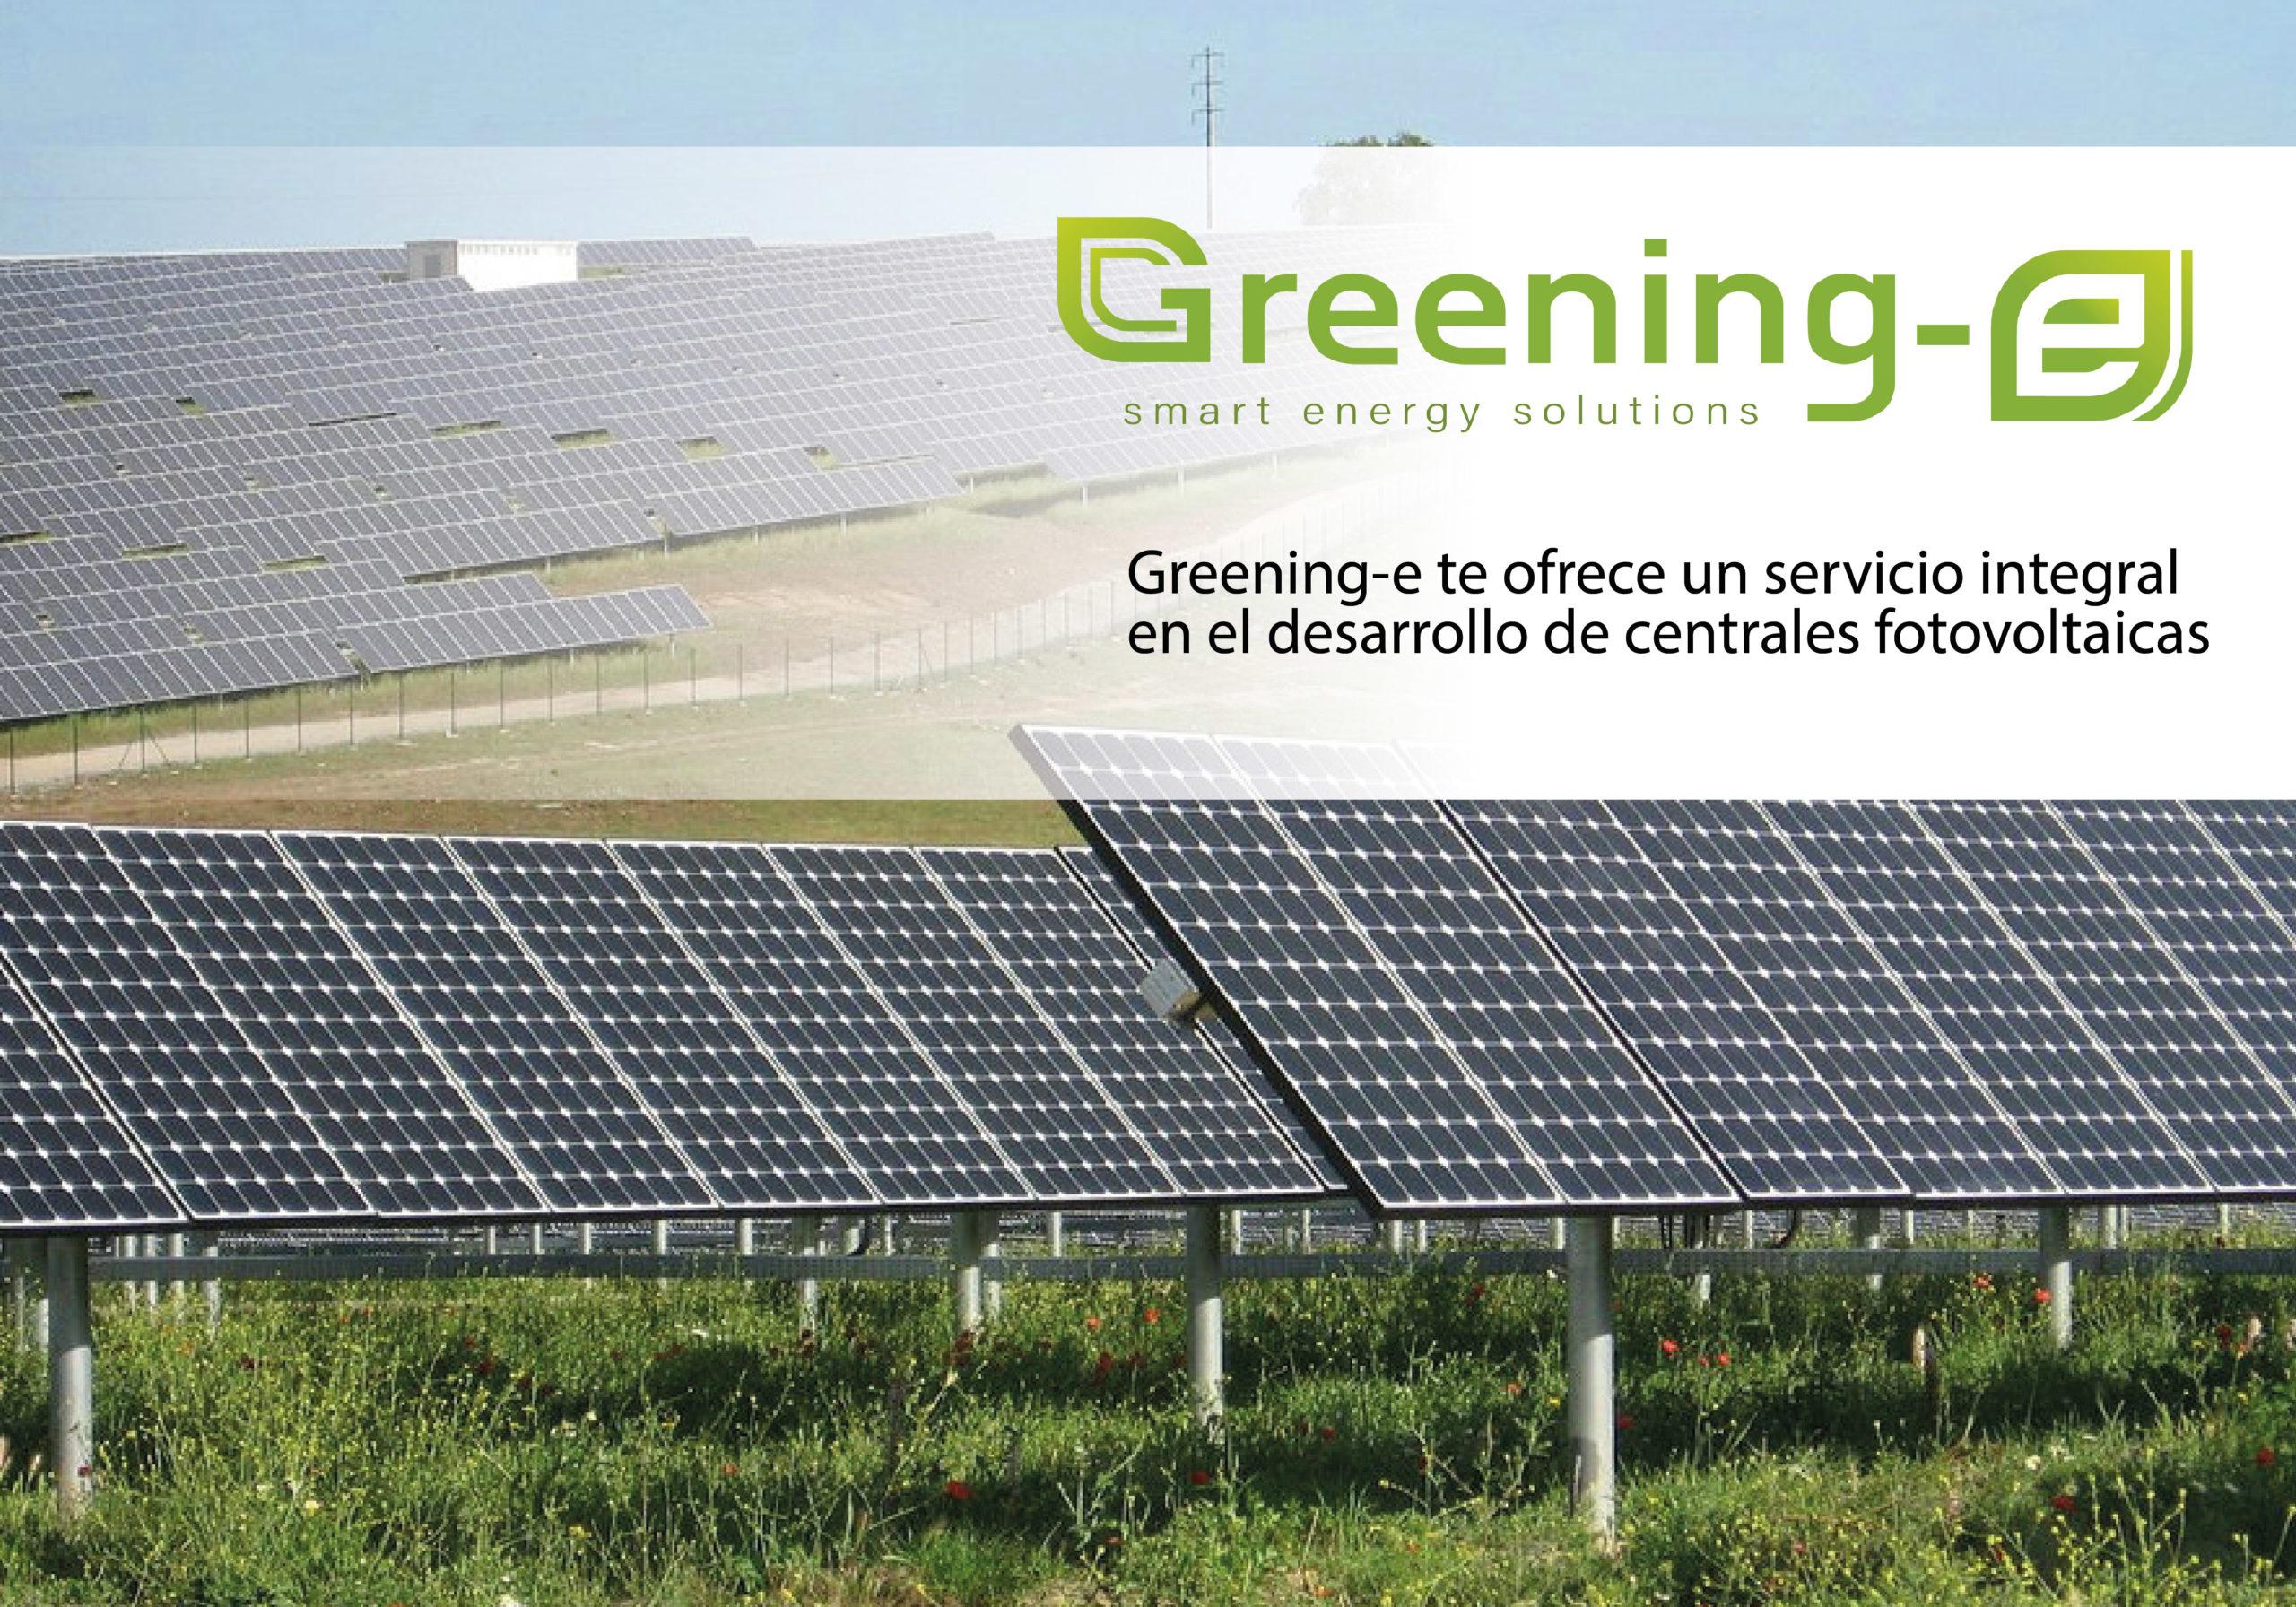 Departamento de Utility Scales para el desarrollo y gestión de centrales fotovoltaicas